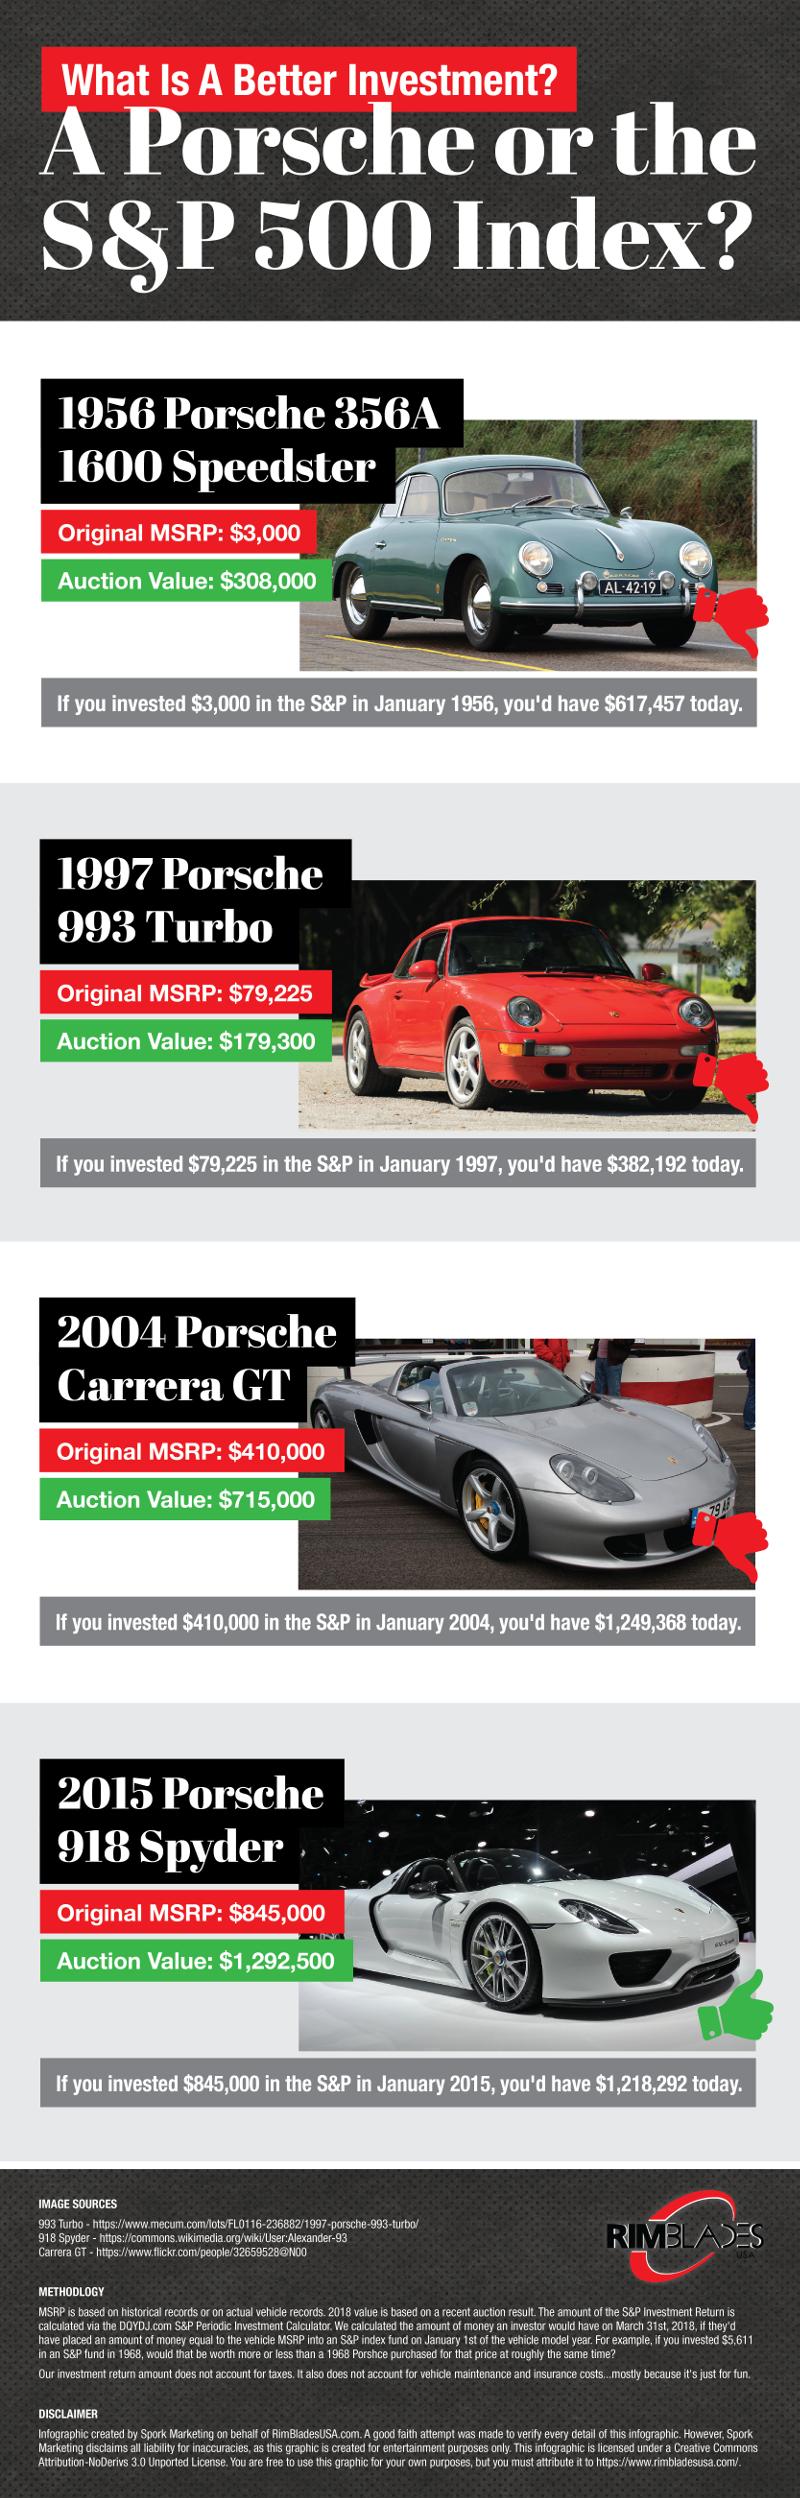 Porsche investment graphic